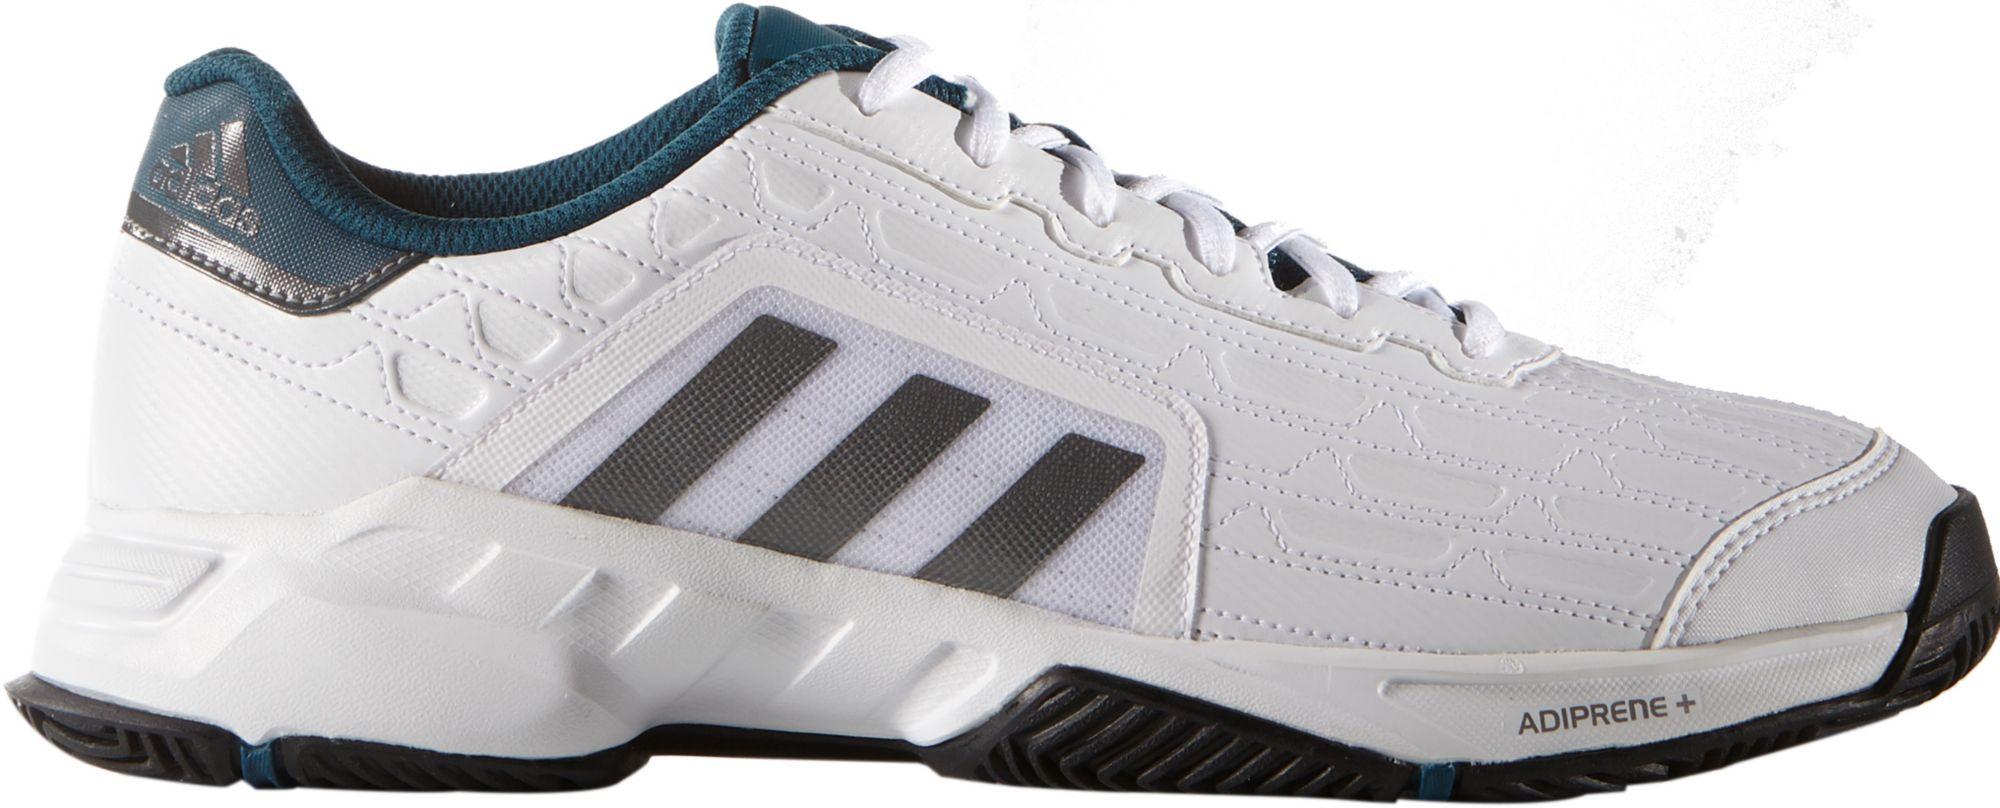 tennis shoes noimagefound ??? nslredc